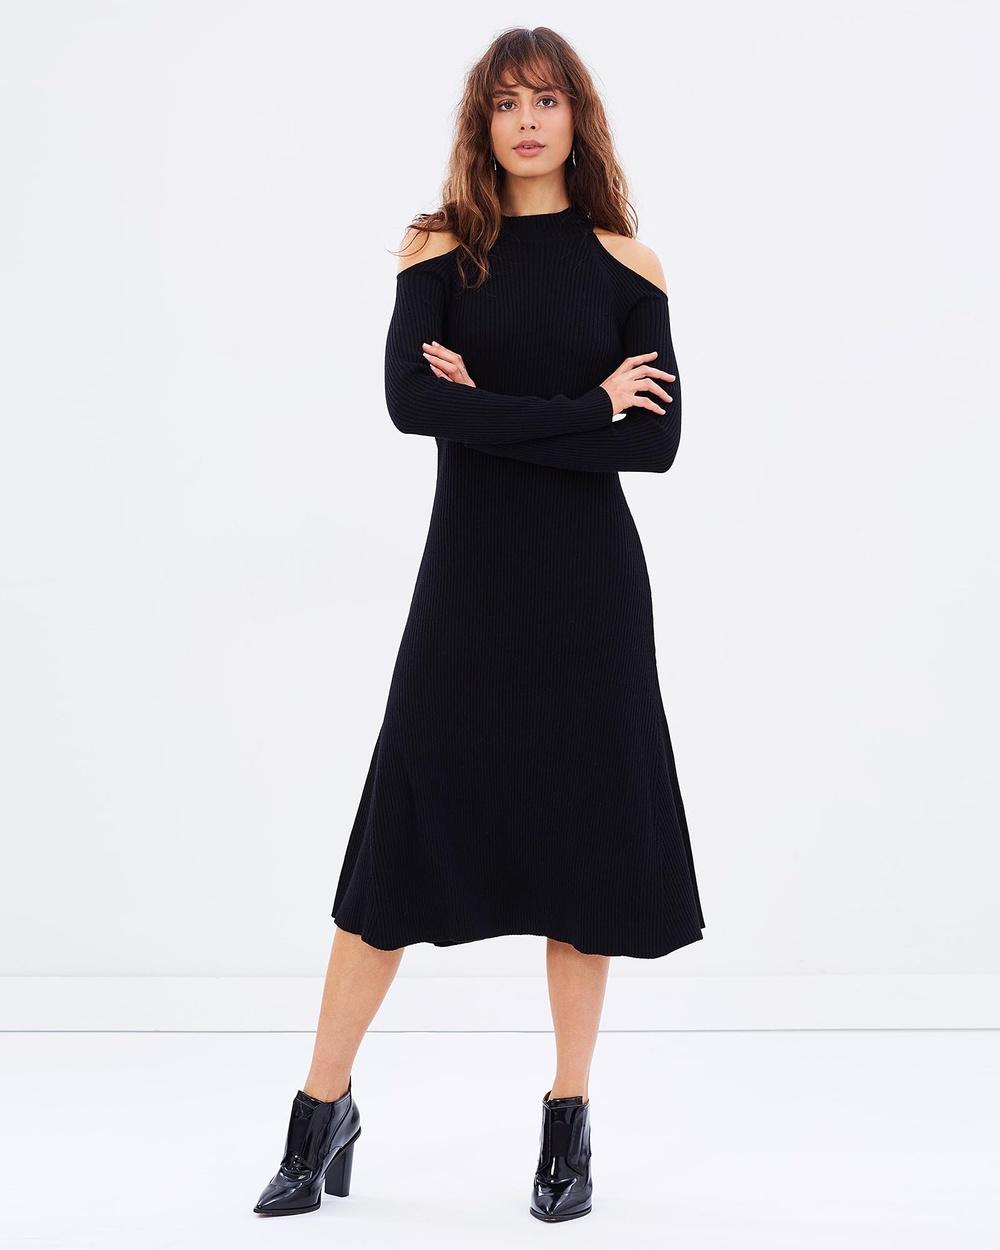 Friend of Audrey Black Cut-Out Shoulder Knit Dress